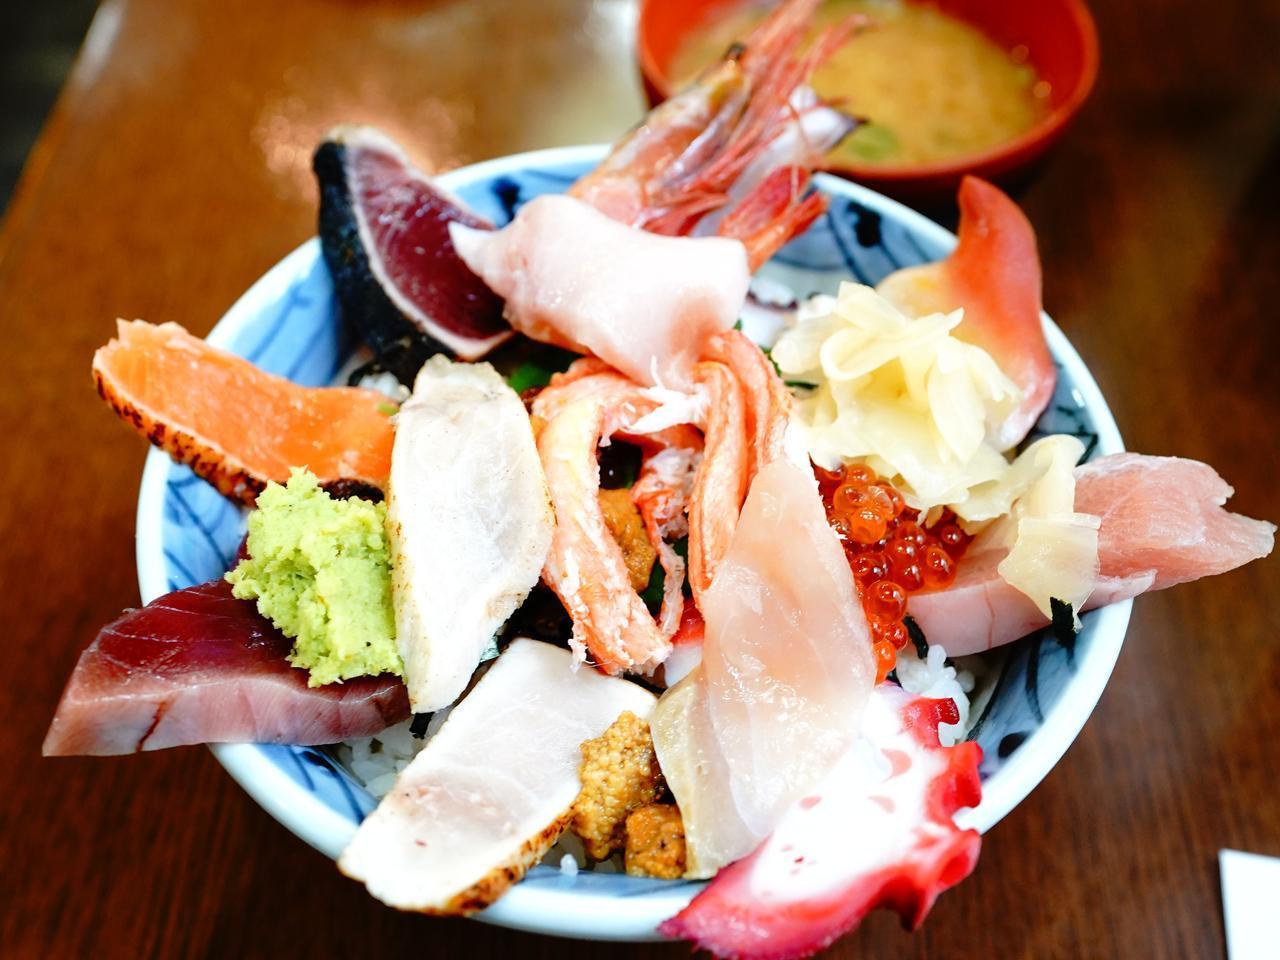 画像: ウニ、イクラ、甘えびなど新鮮なネタがぎっしり盛られた、東光庵の「三浜丼」1900円